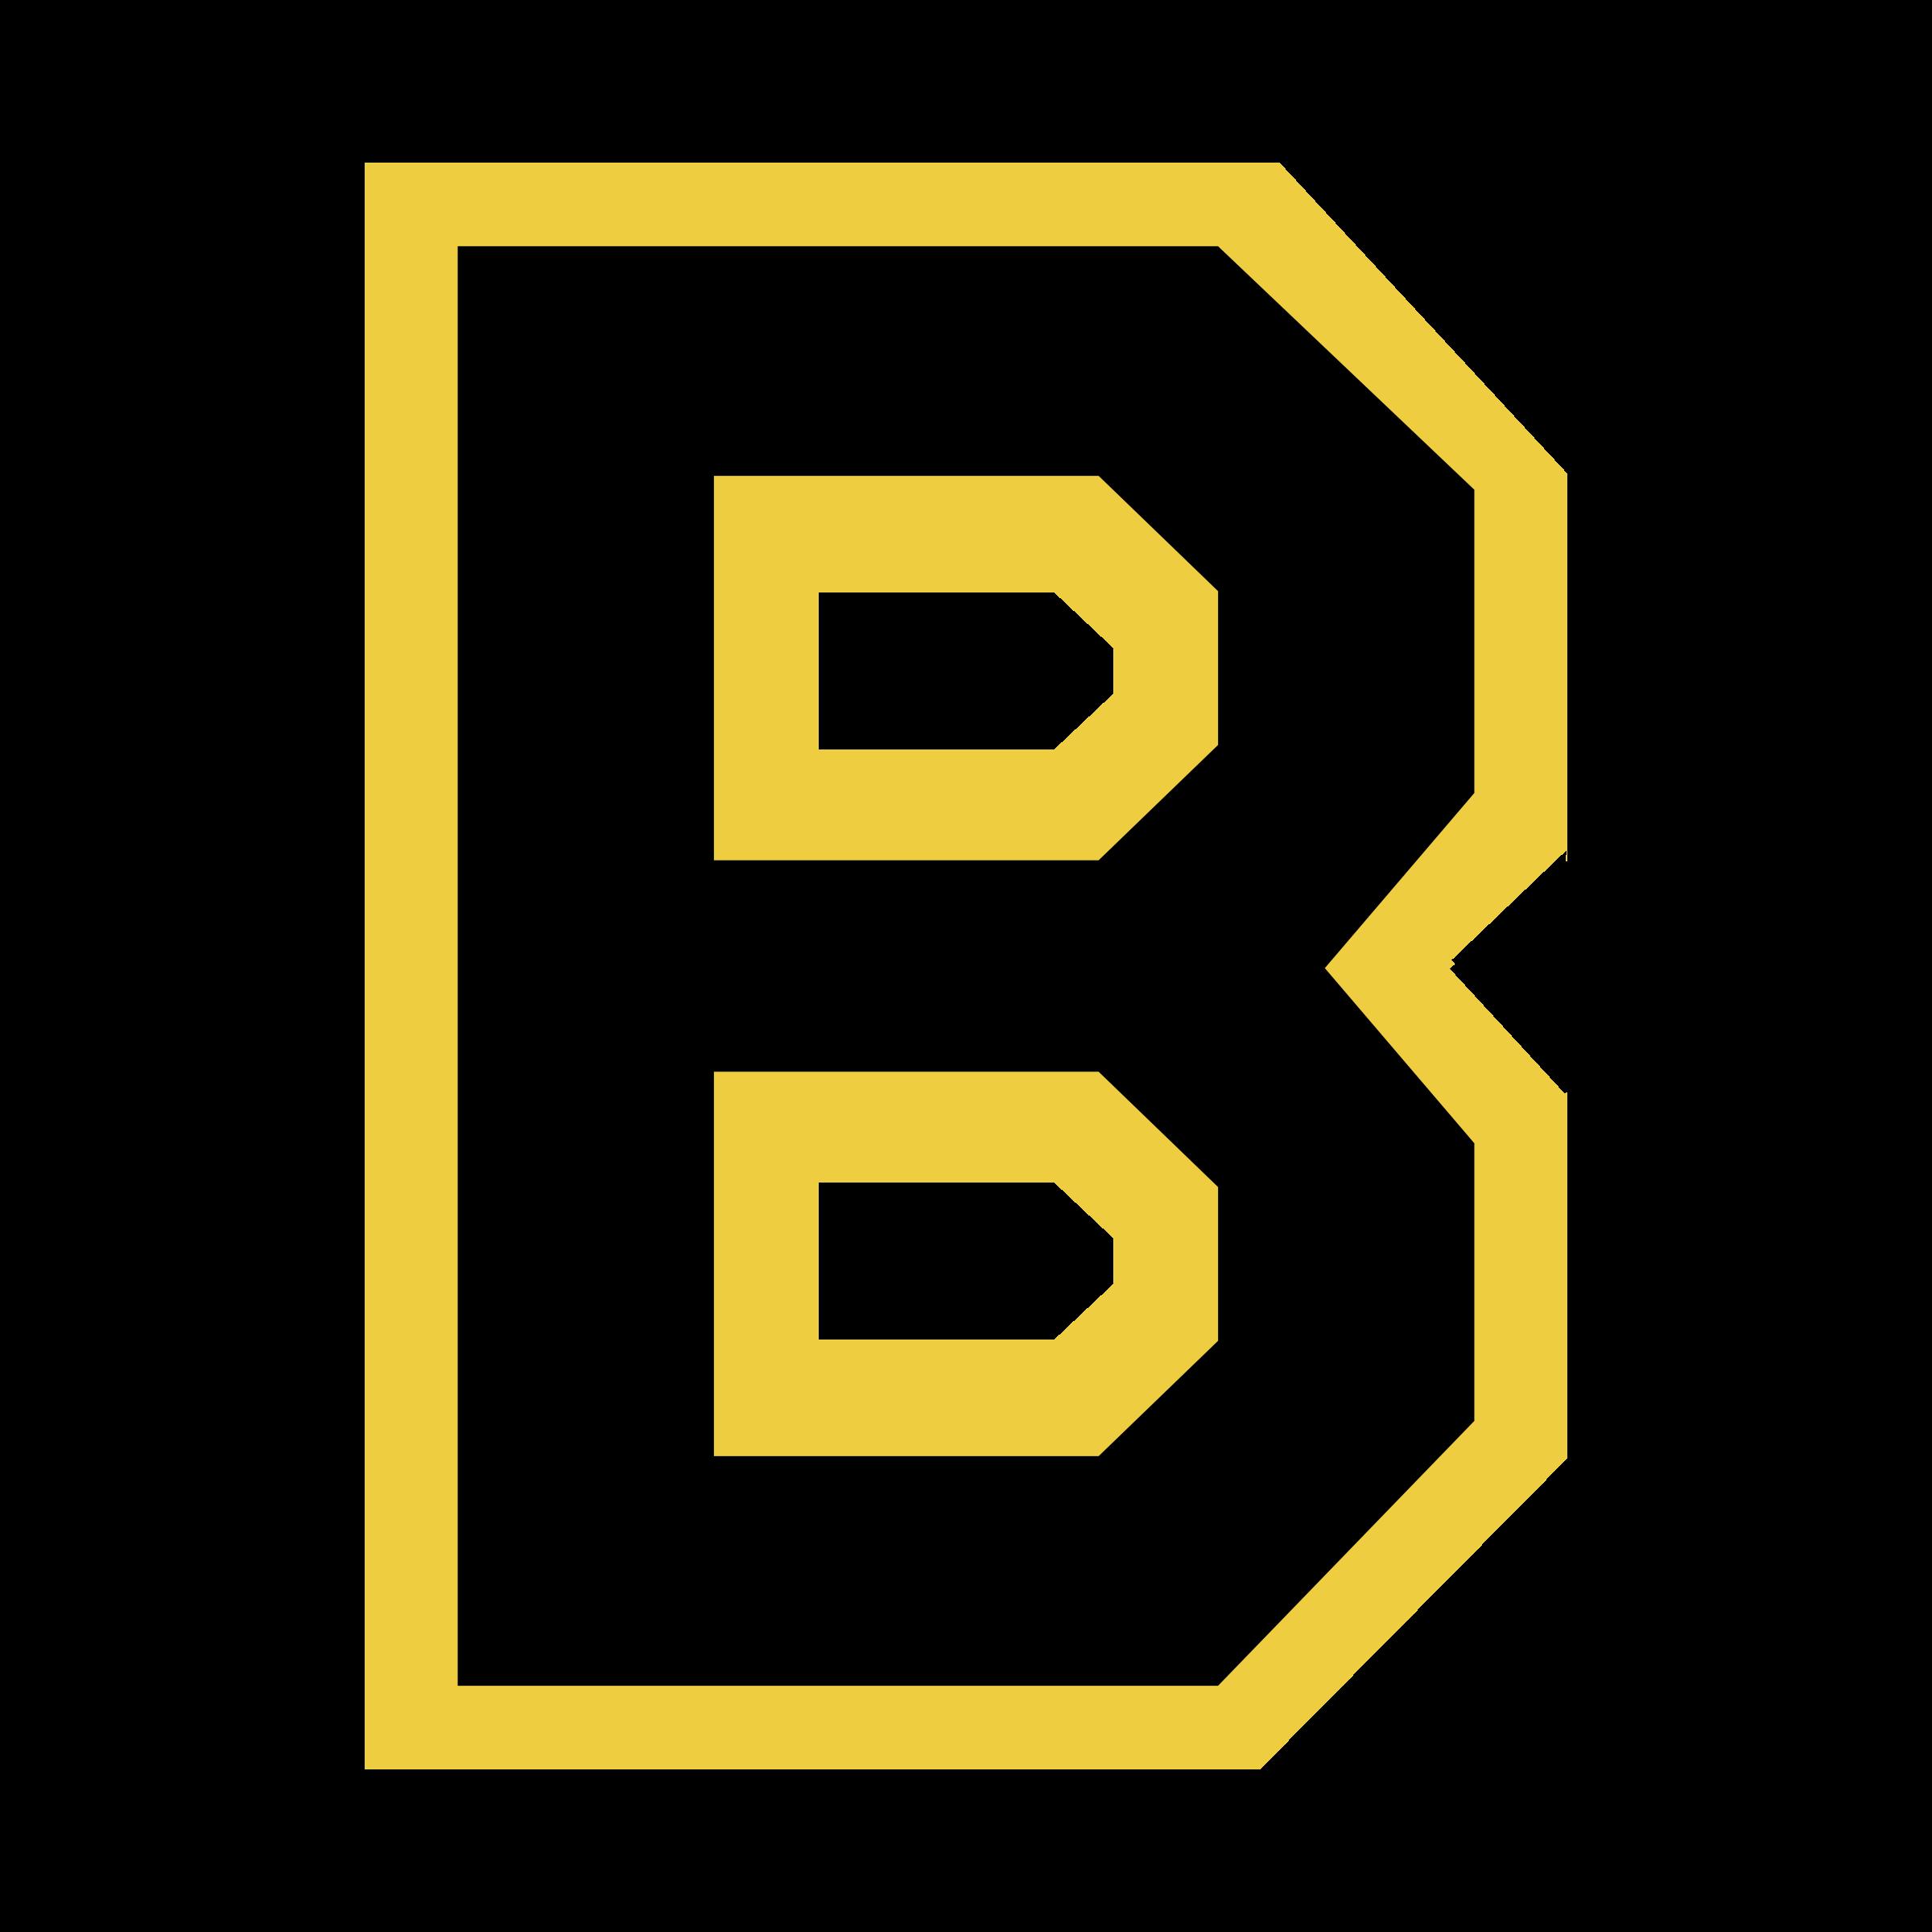 Boston Bruins 03 Logo PNG Transparent & SVG Vector.